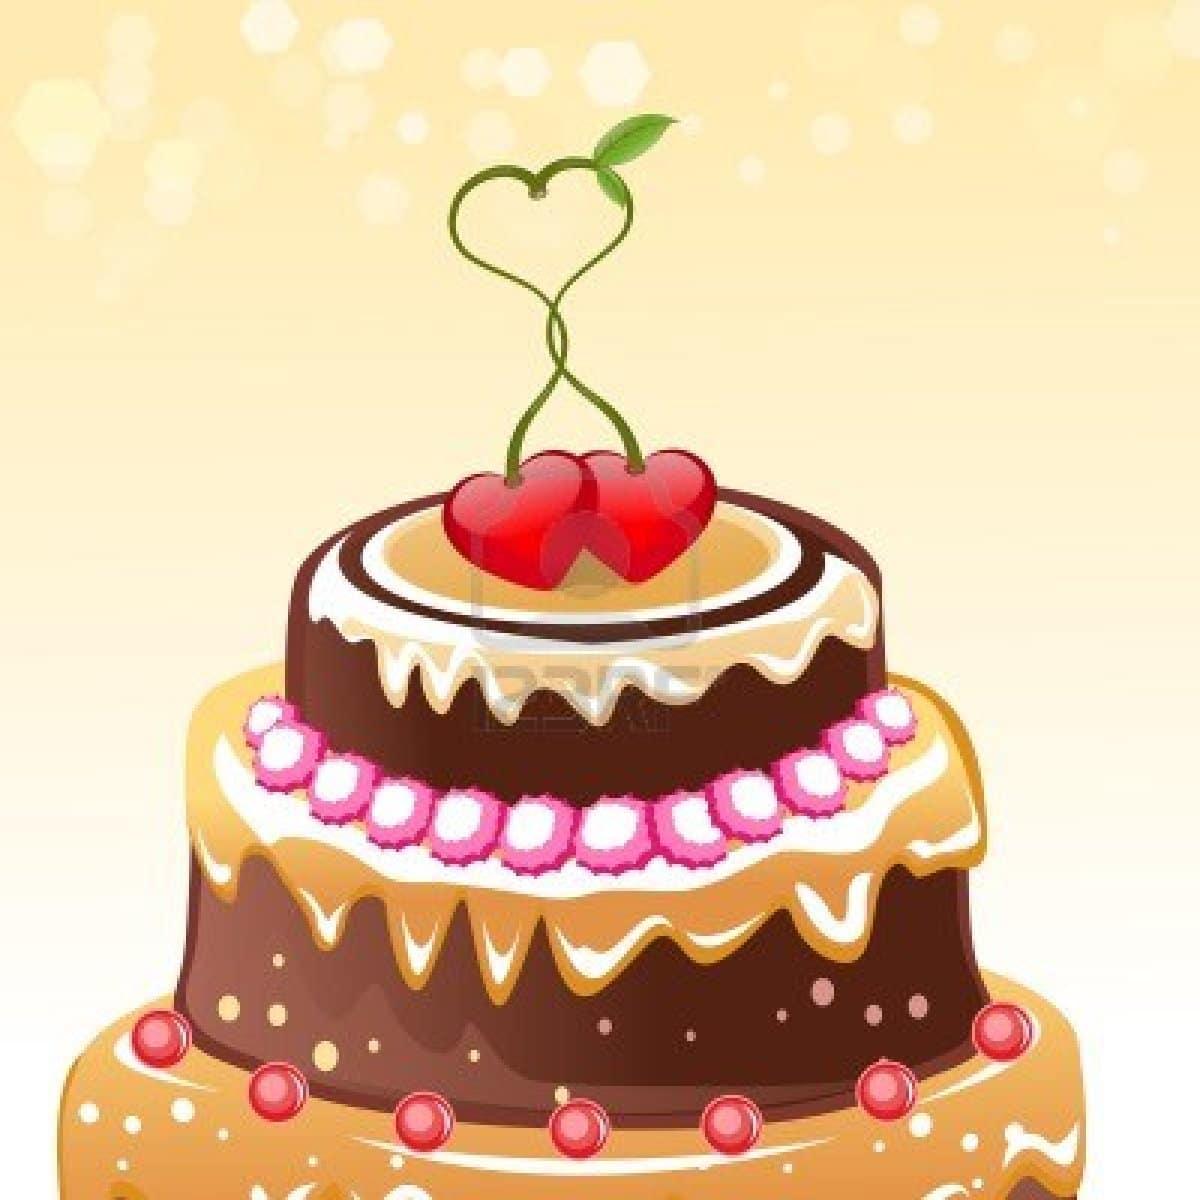 Imagenes de cumpleaños con corazones